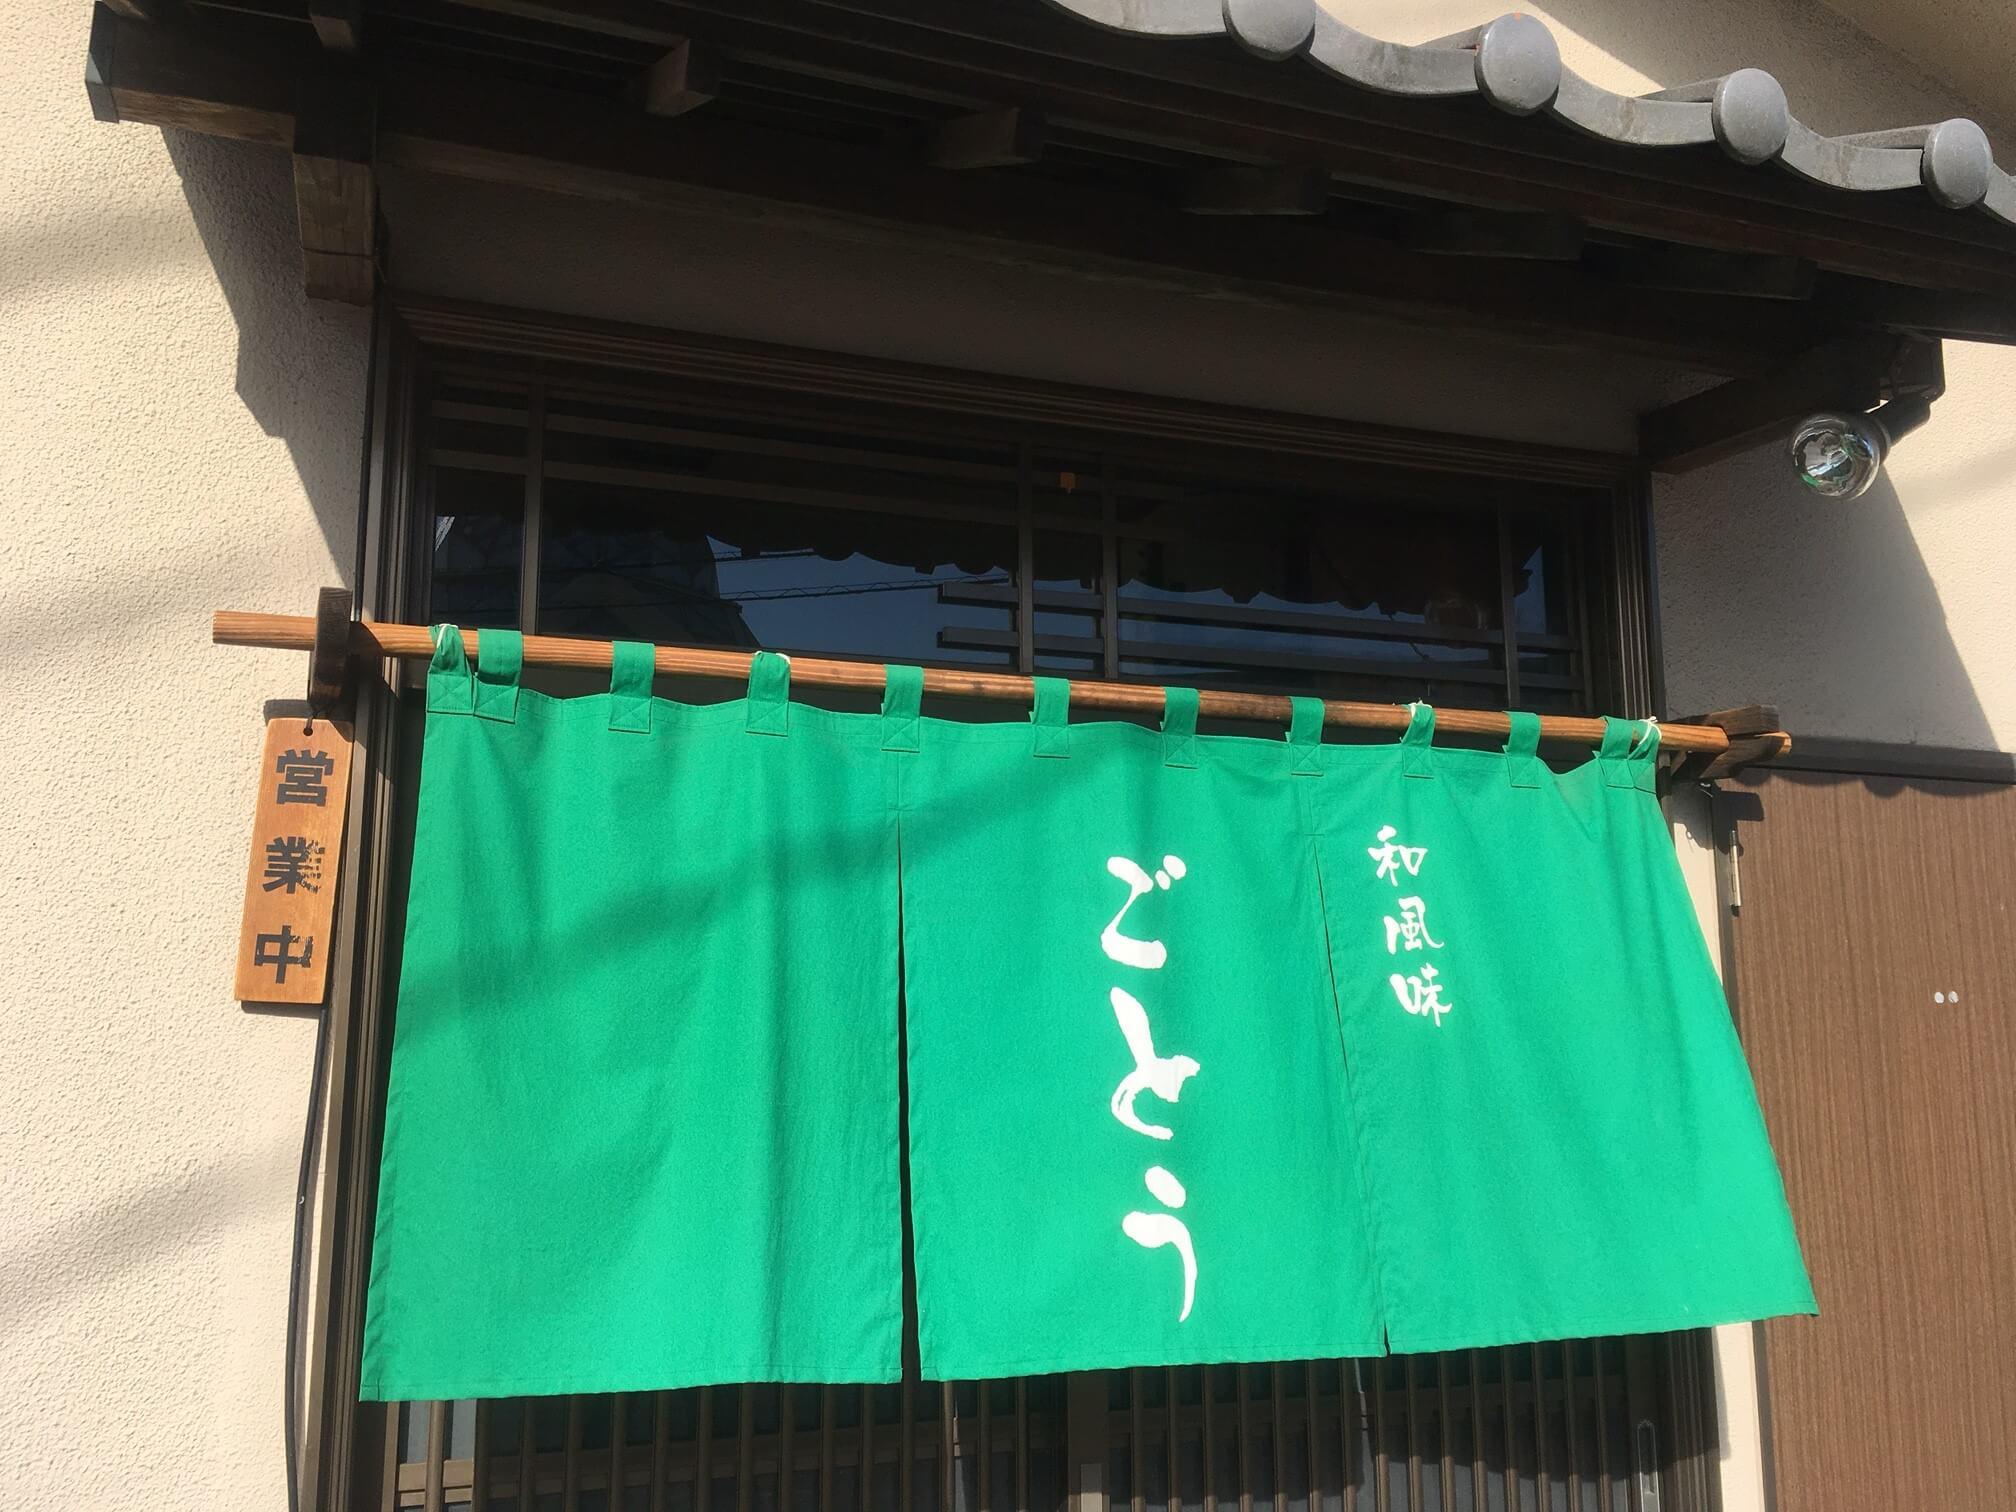 お米がおいしいお店ならここ!三郷市谷口にある和風味ごとう で牛タン丼を食べてきたよ!